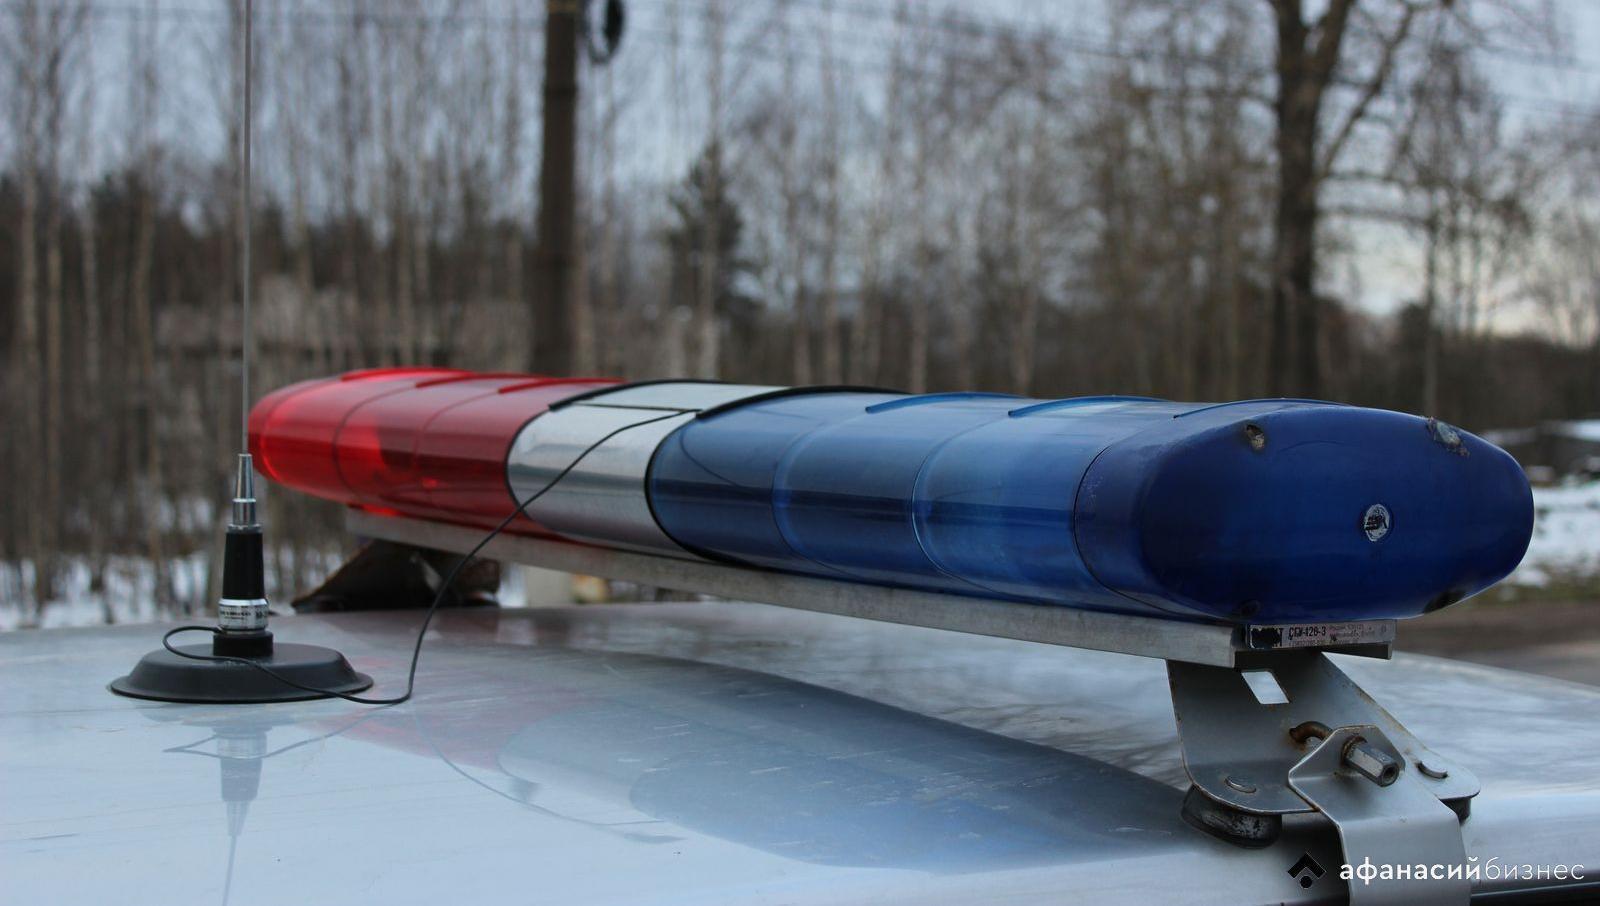 В Тверской области пьяный мотоциклист устроил ДТП с пострадавшими